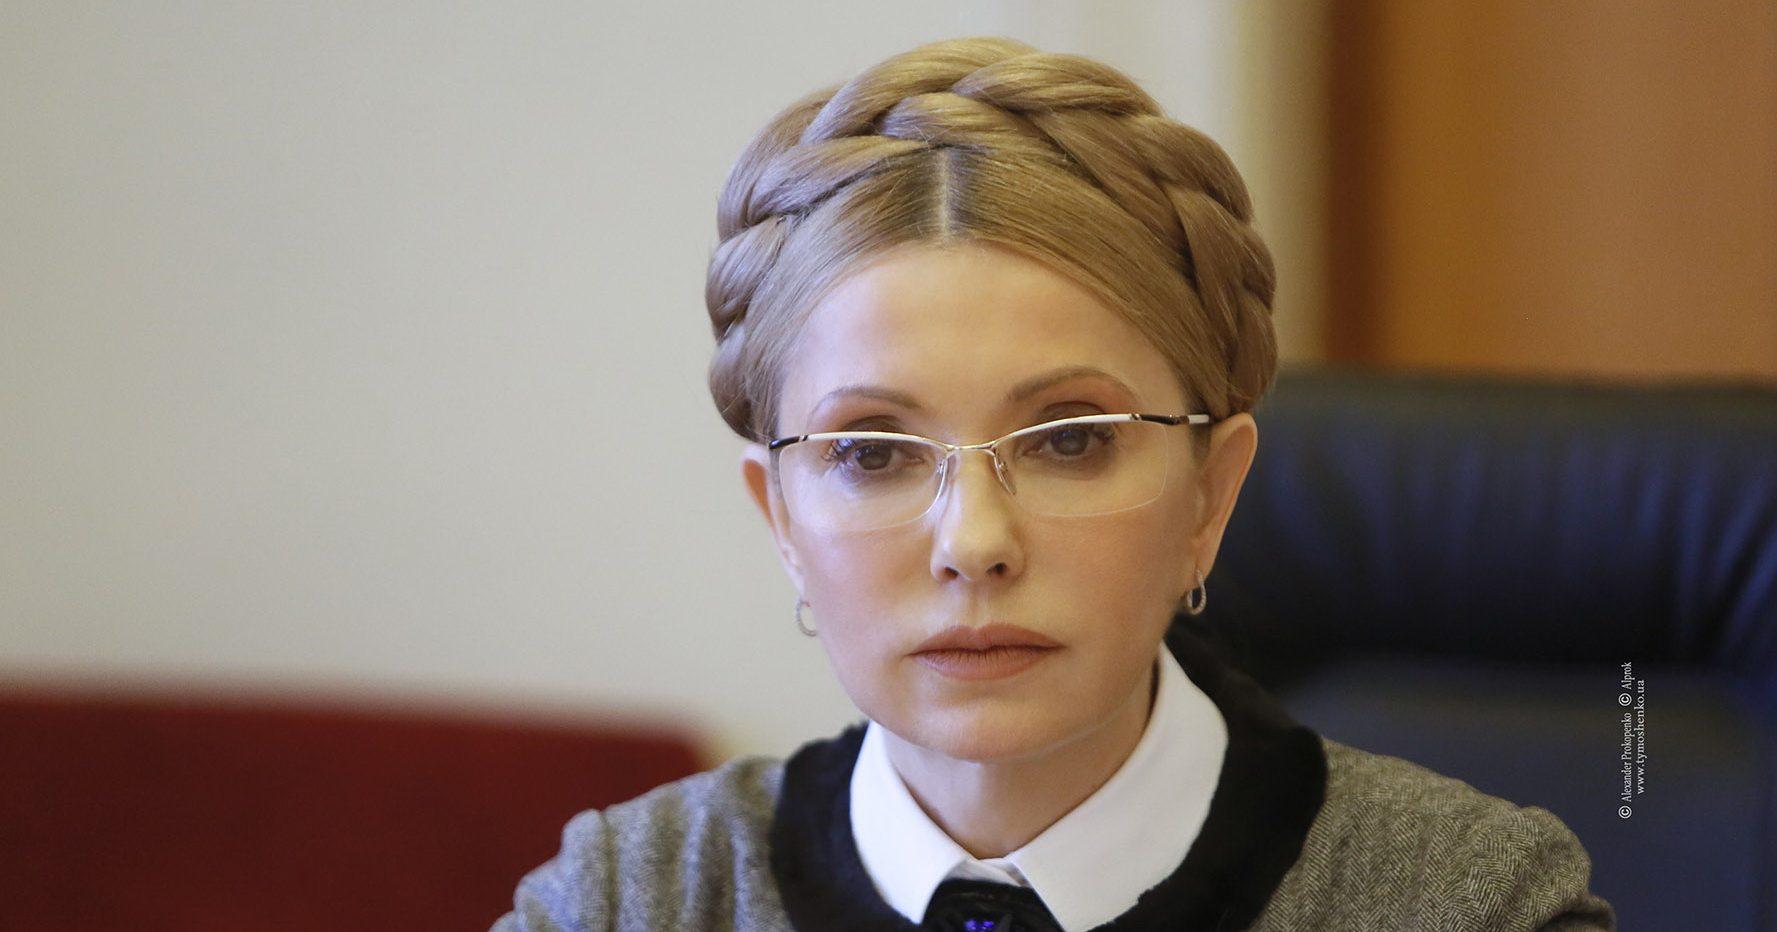 Картинки по запросу Юлия тимошенко фото